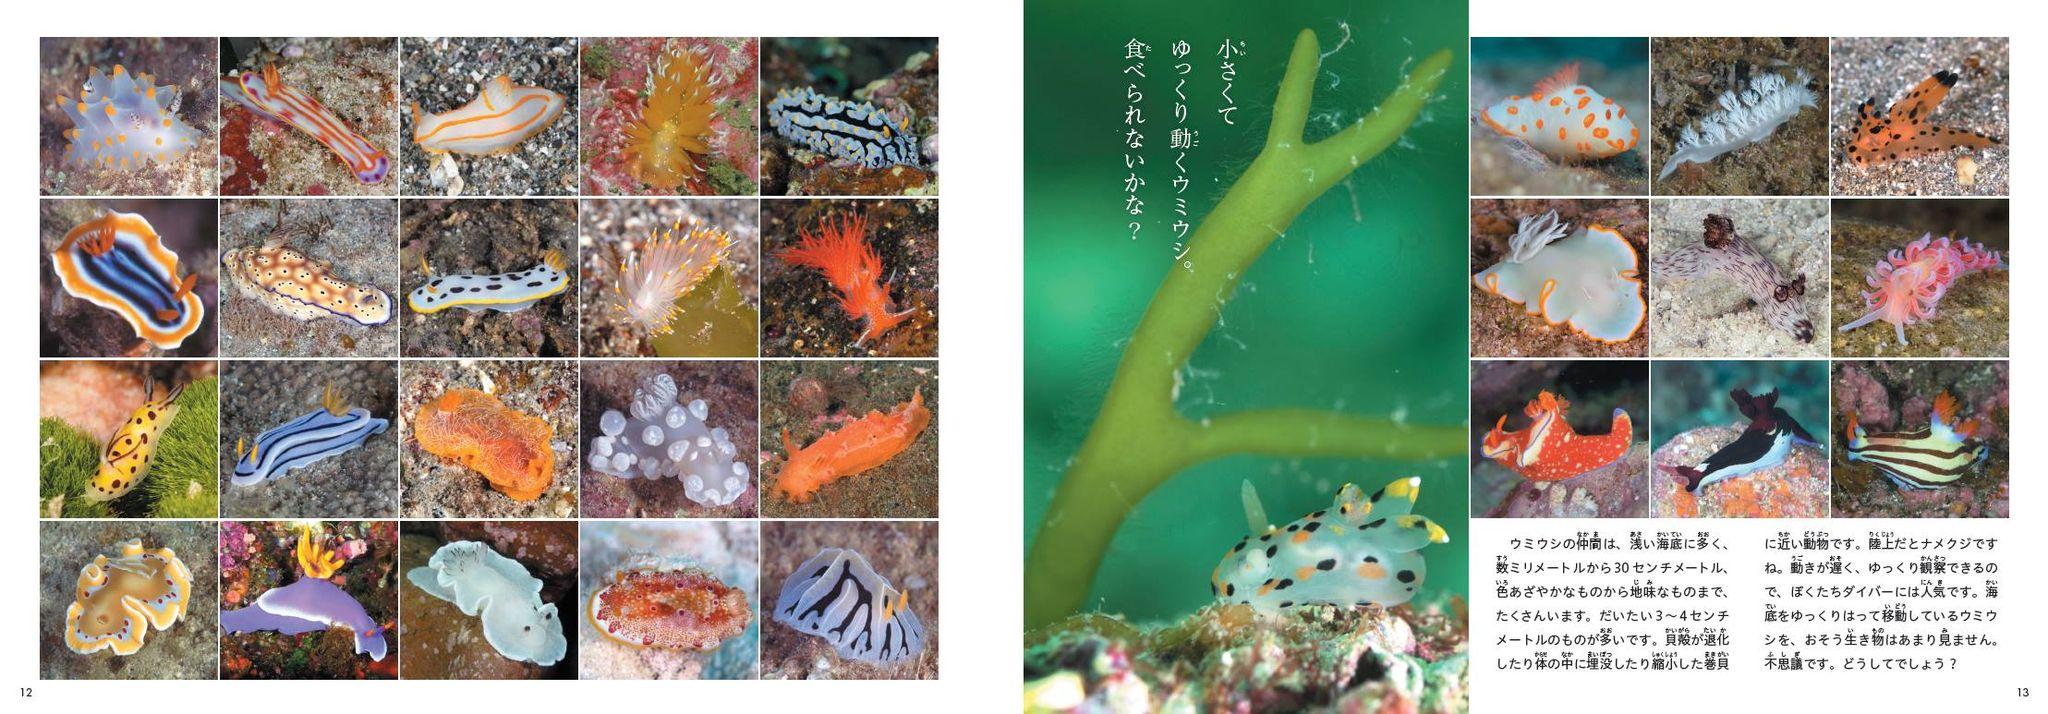 海洋写真家・吉野雄輔さん著「どうしてそうなった⁉海の生き物」